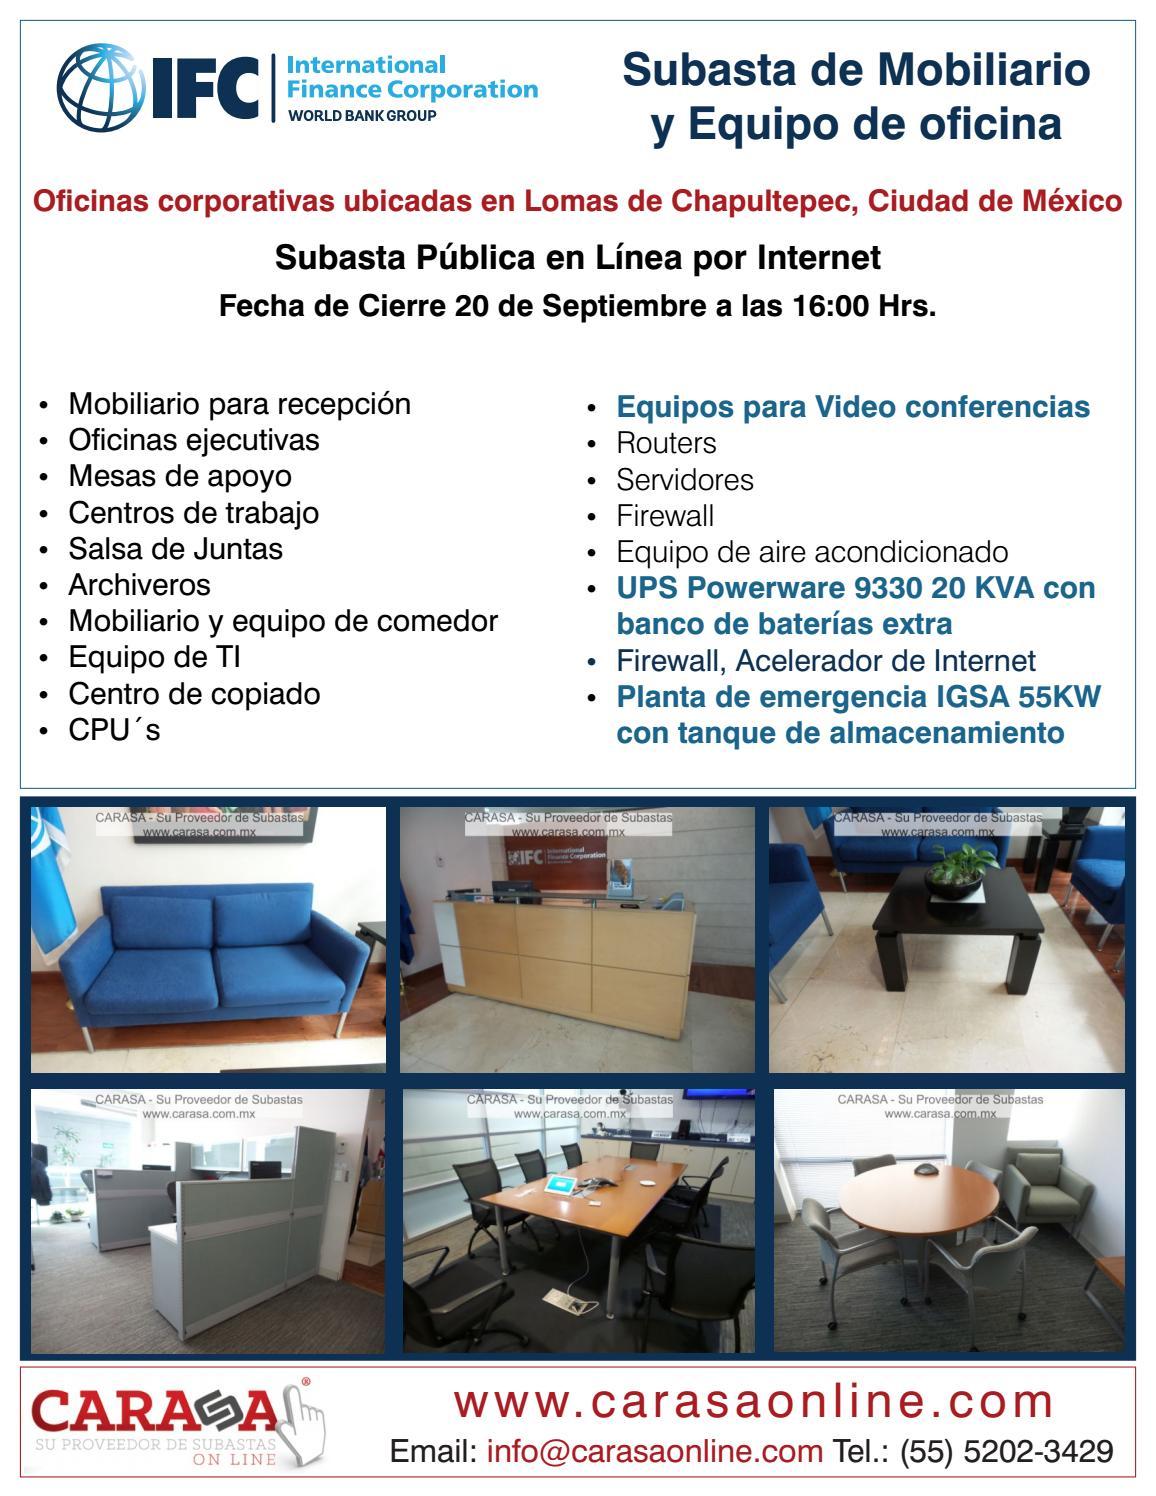 Subasta de mobiliario y equipo de oficina ifc by carasa for Mobiliario y equipo